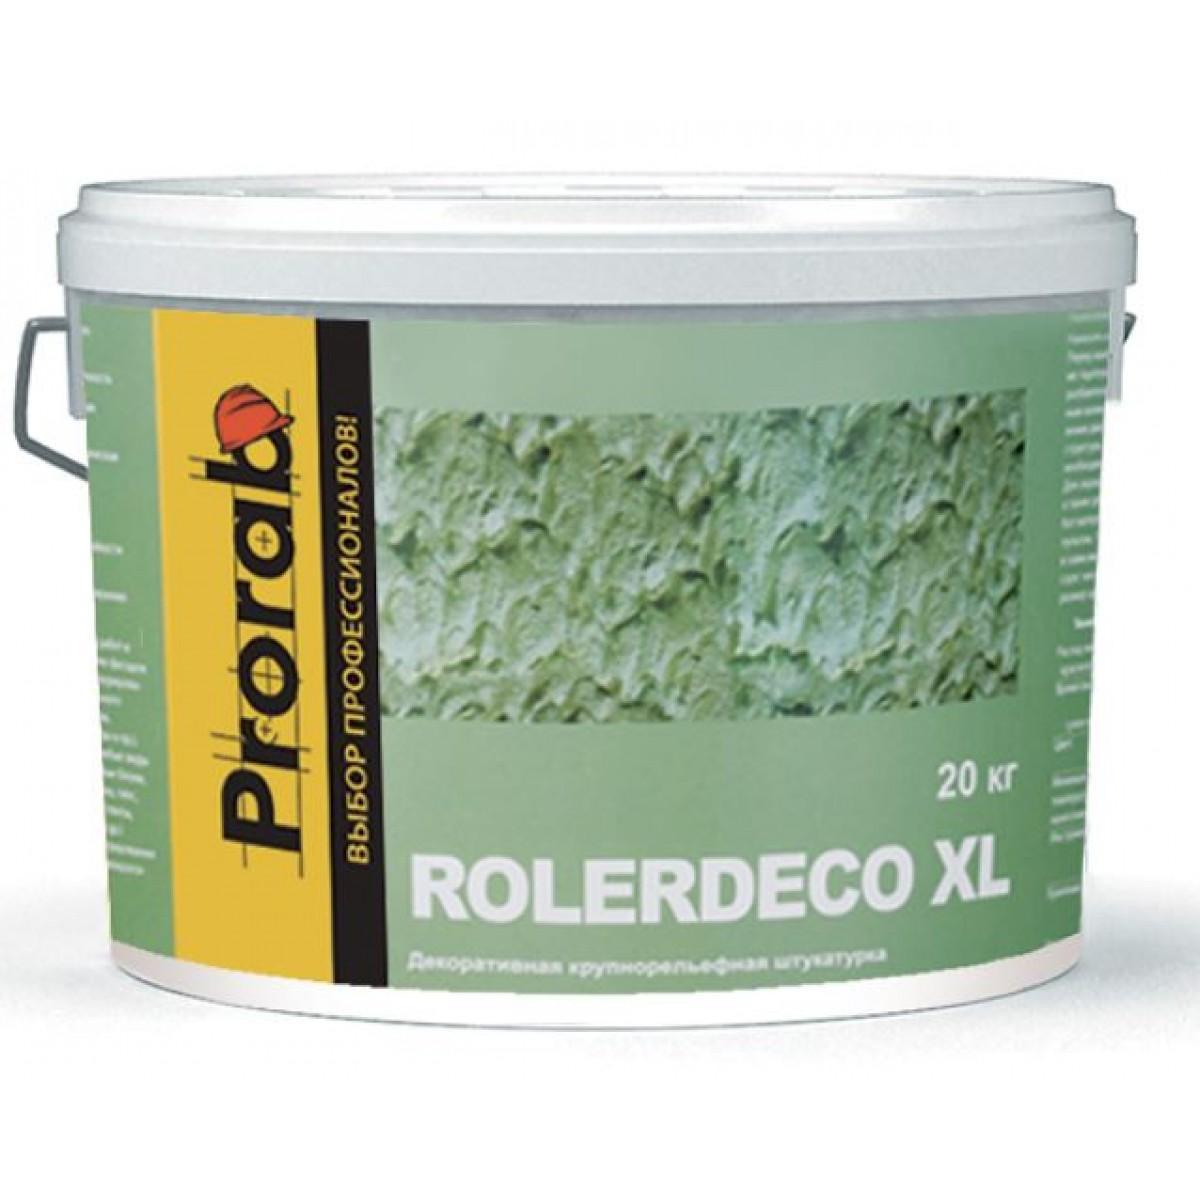 ROLERDECO XL